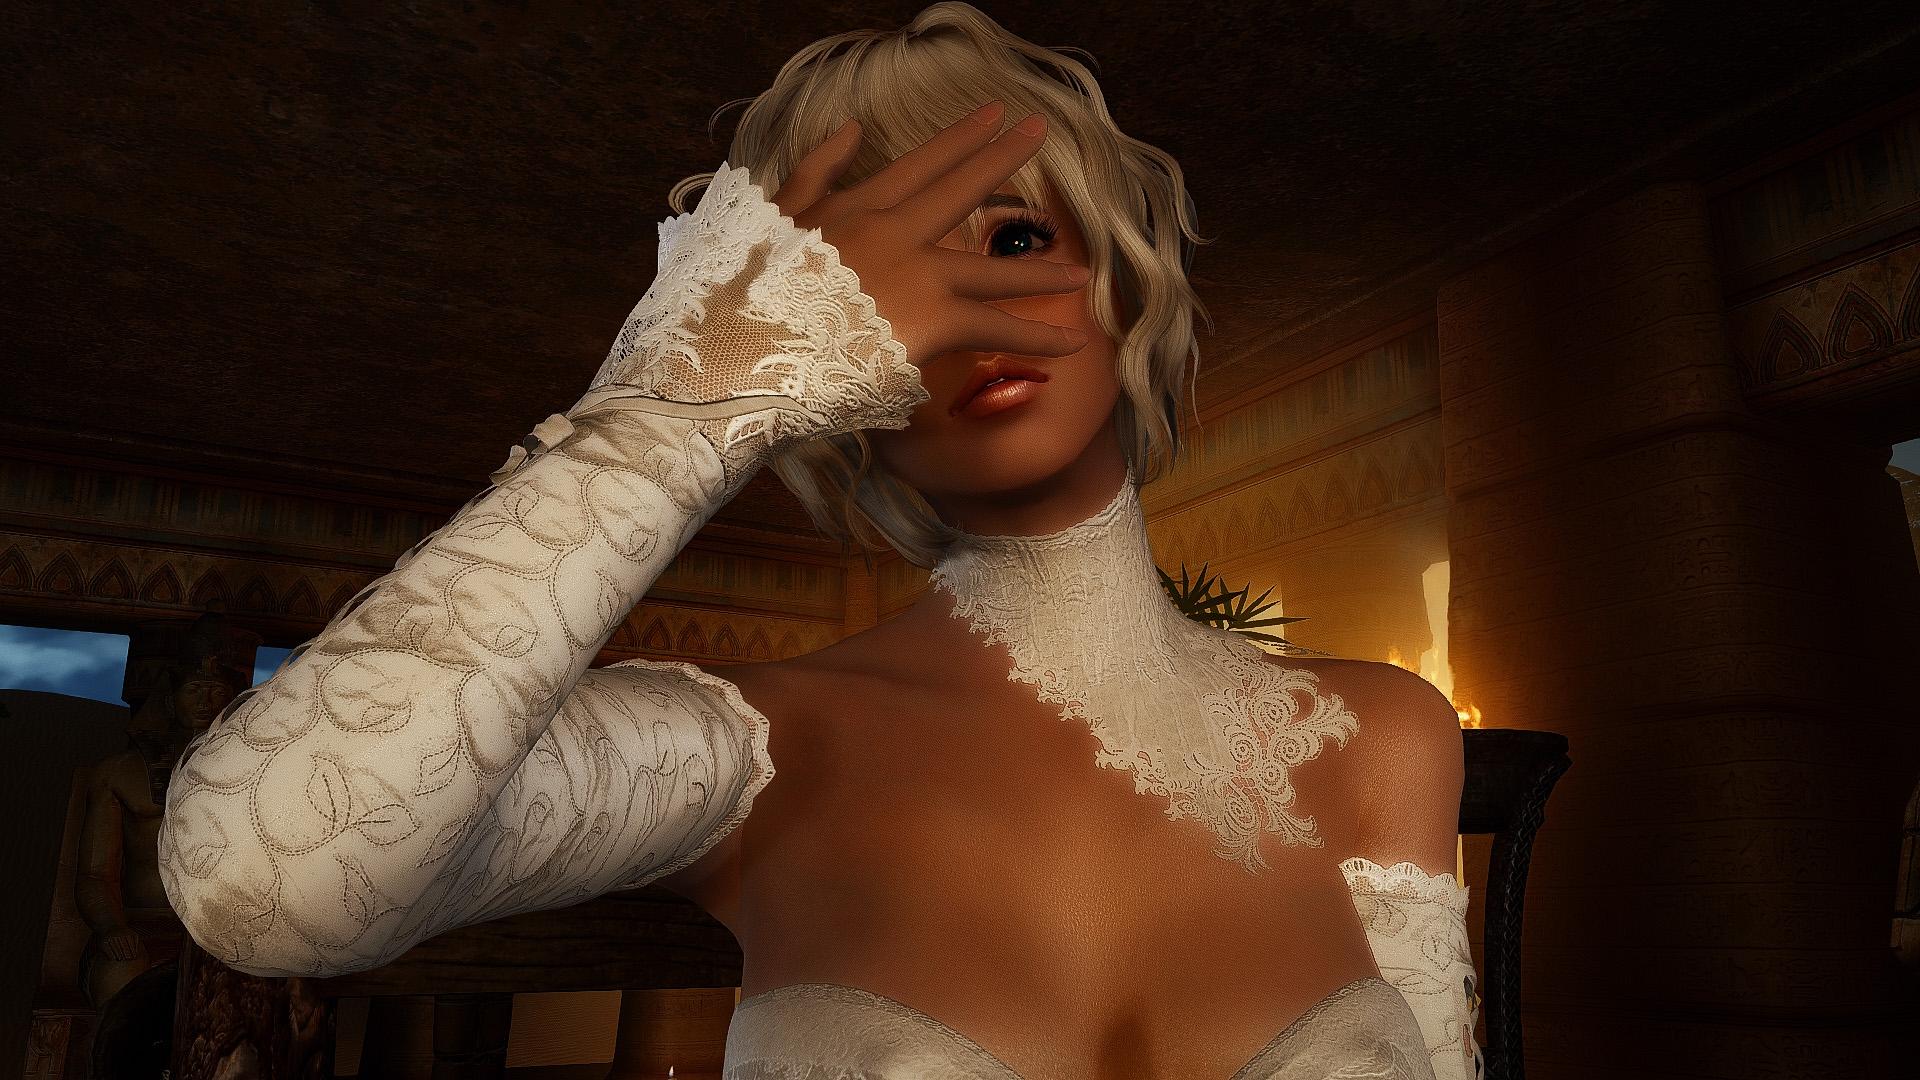 SKYRIM Screenshot 32_1.jpg - The Elder Scrolls 5: Skyrim